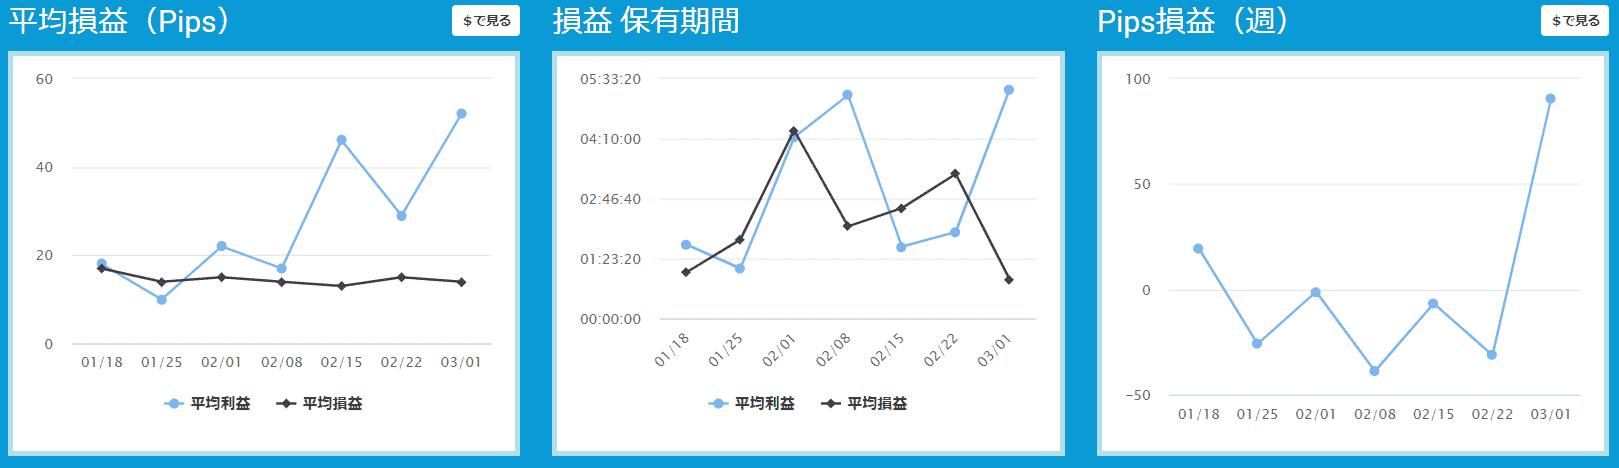 プロップトレーダーチャートNishi2